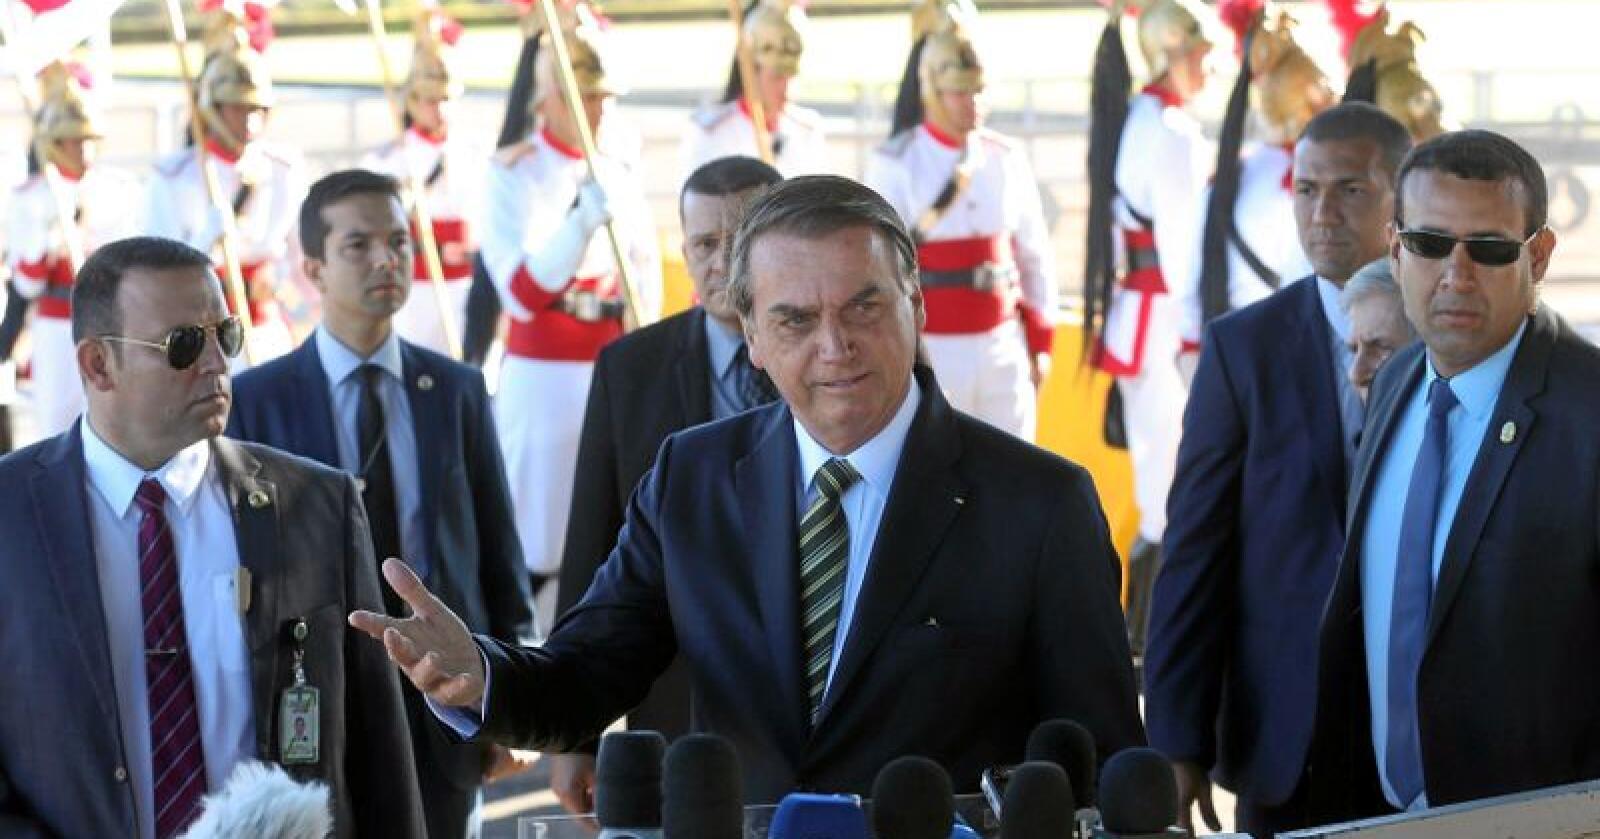 Brasils president Jair Bolsonaro trekker seg fra det regionale møtet i Colombia der presidenter fra Amazonas-landene i Sør-Amerika skal møtes og diskutere miljøspørsmål fredag. Foto: Antonio Cruz / Agencia Brasil / AP / NTB scanpix